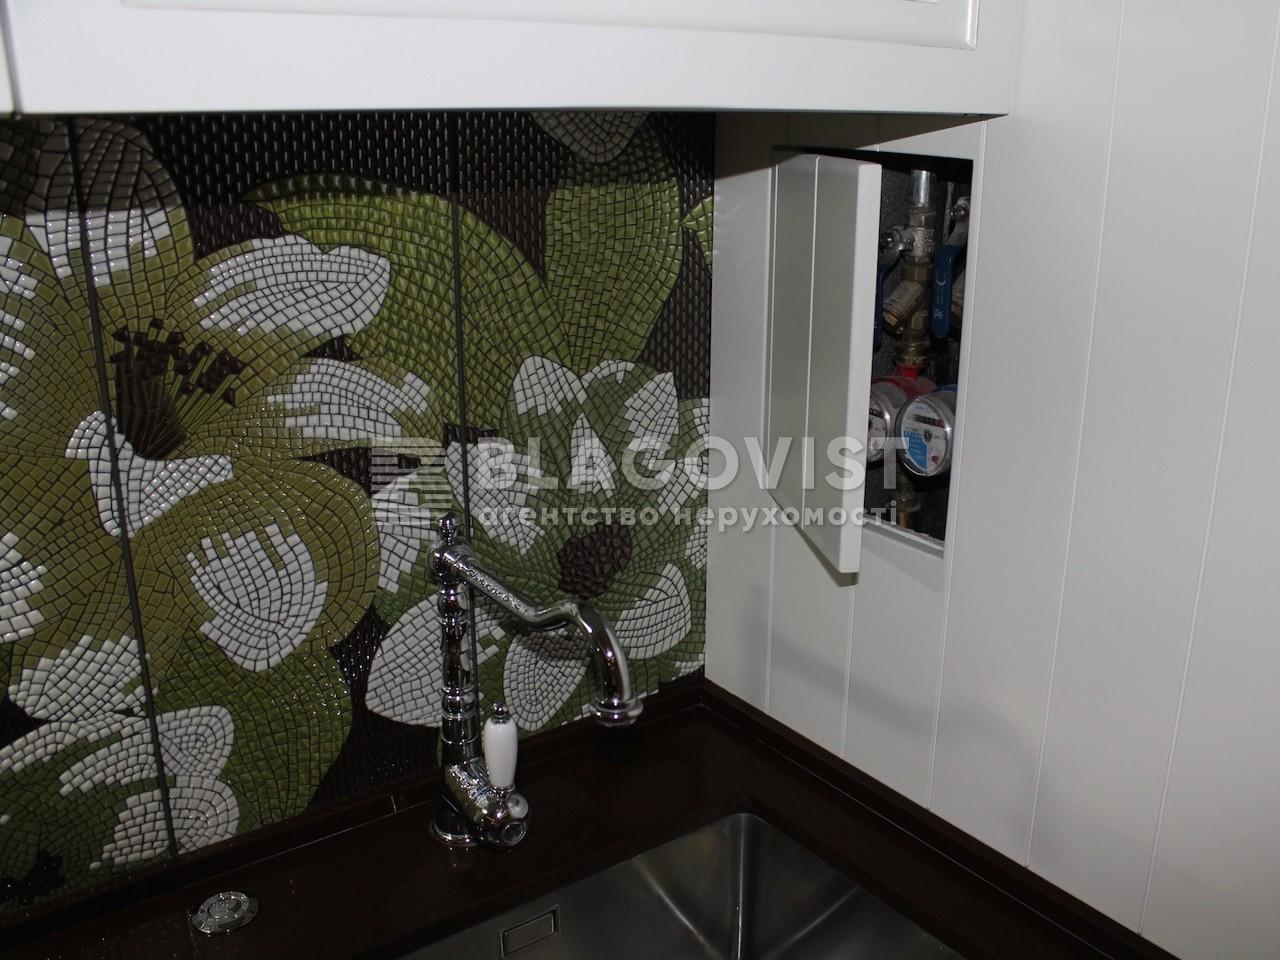 Квартира R-22763, Тютюнника Василия (Барбюса Анри), 37/1, Киев - Фото 14